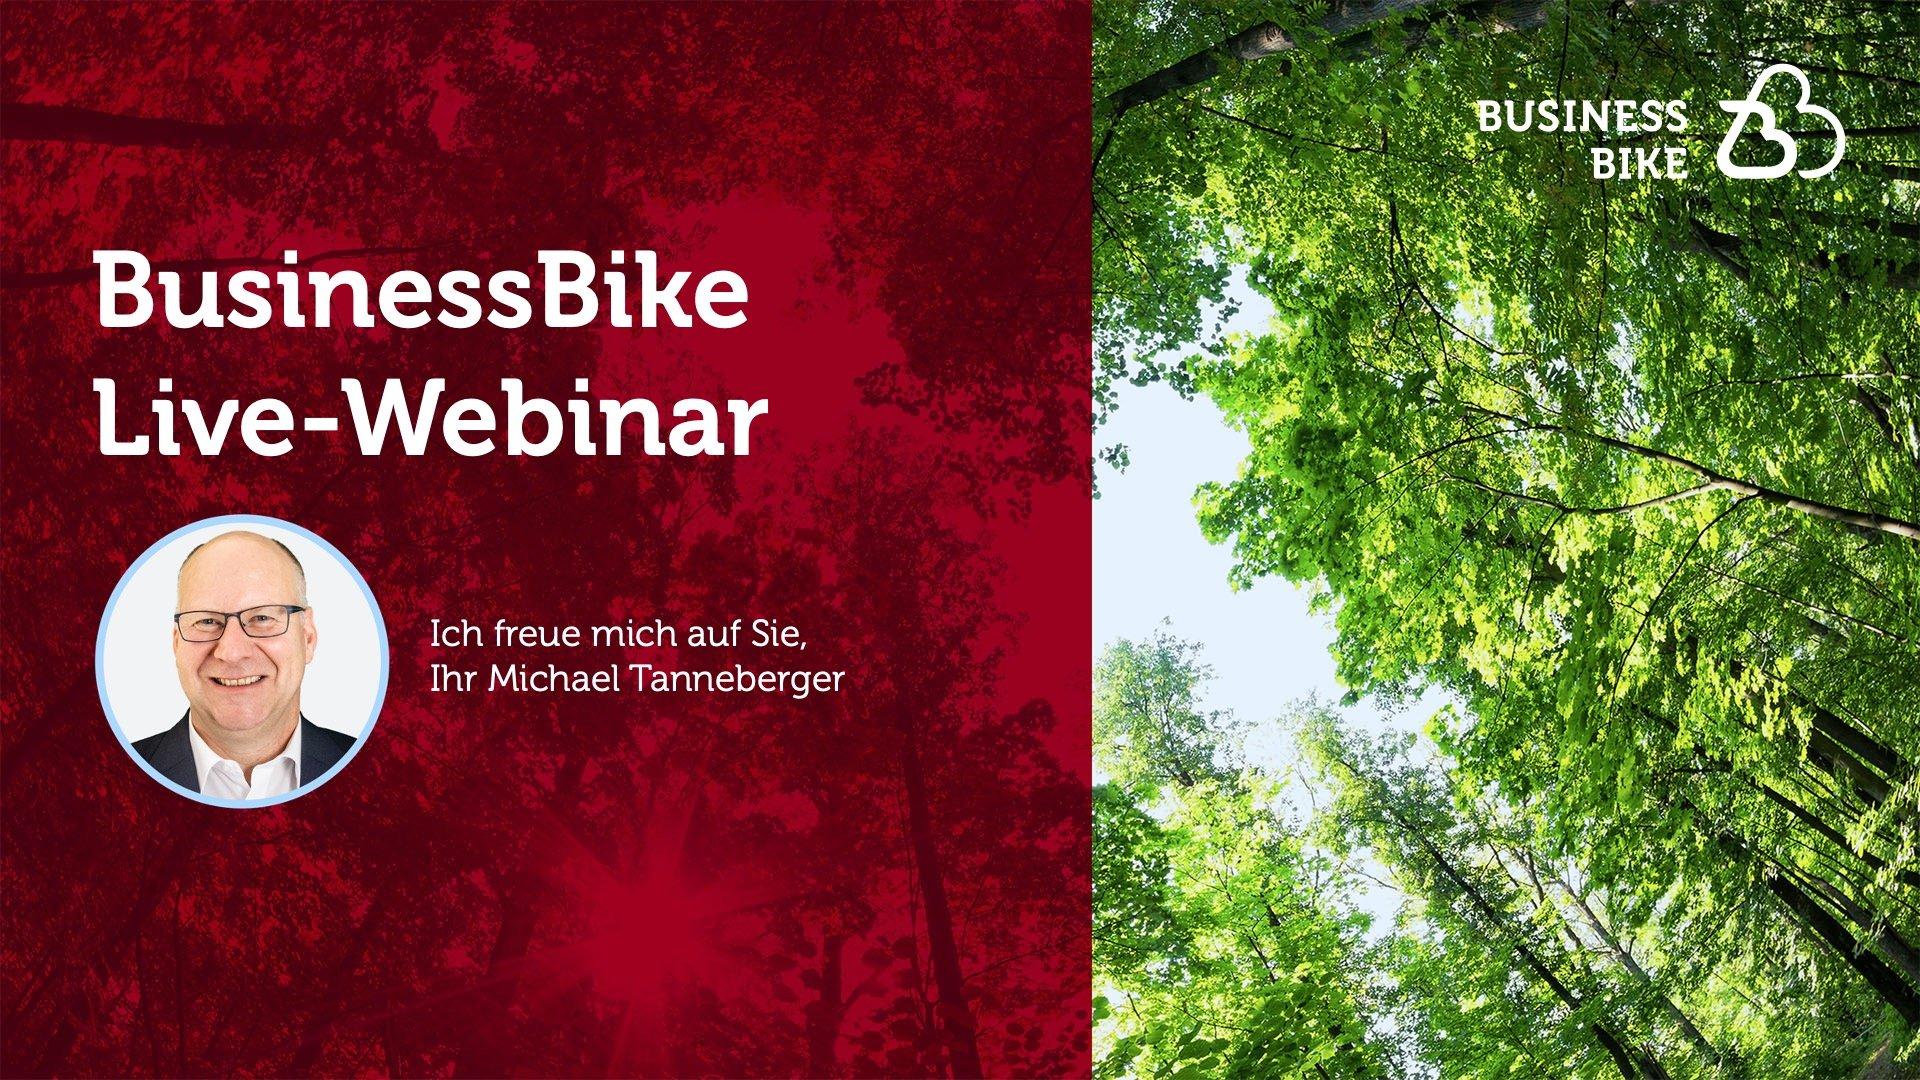 Live_Webinar_Chart_Michael_Tanneberger